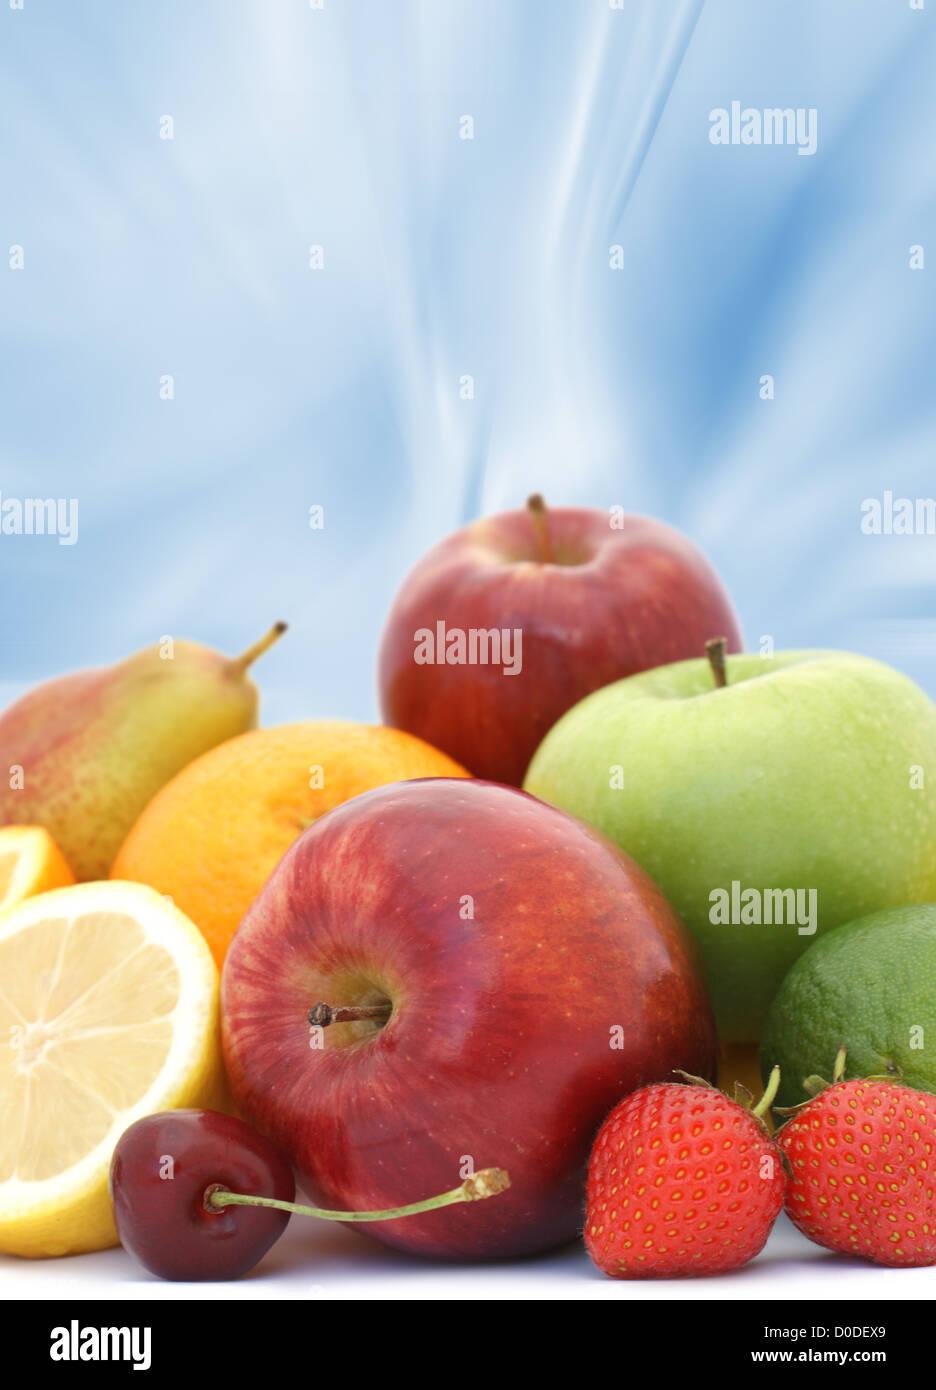 Display mit frischem Obst auf abstrakte blauem Hintergrund Stockbild